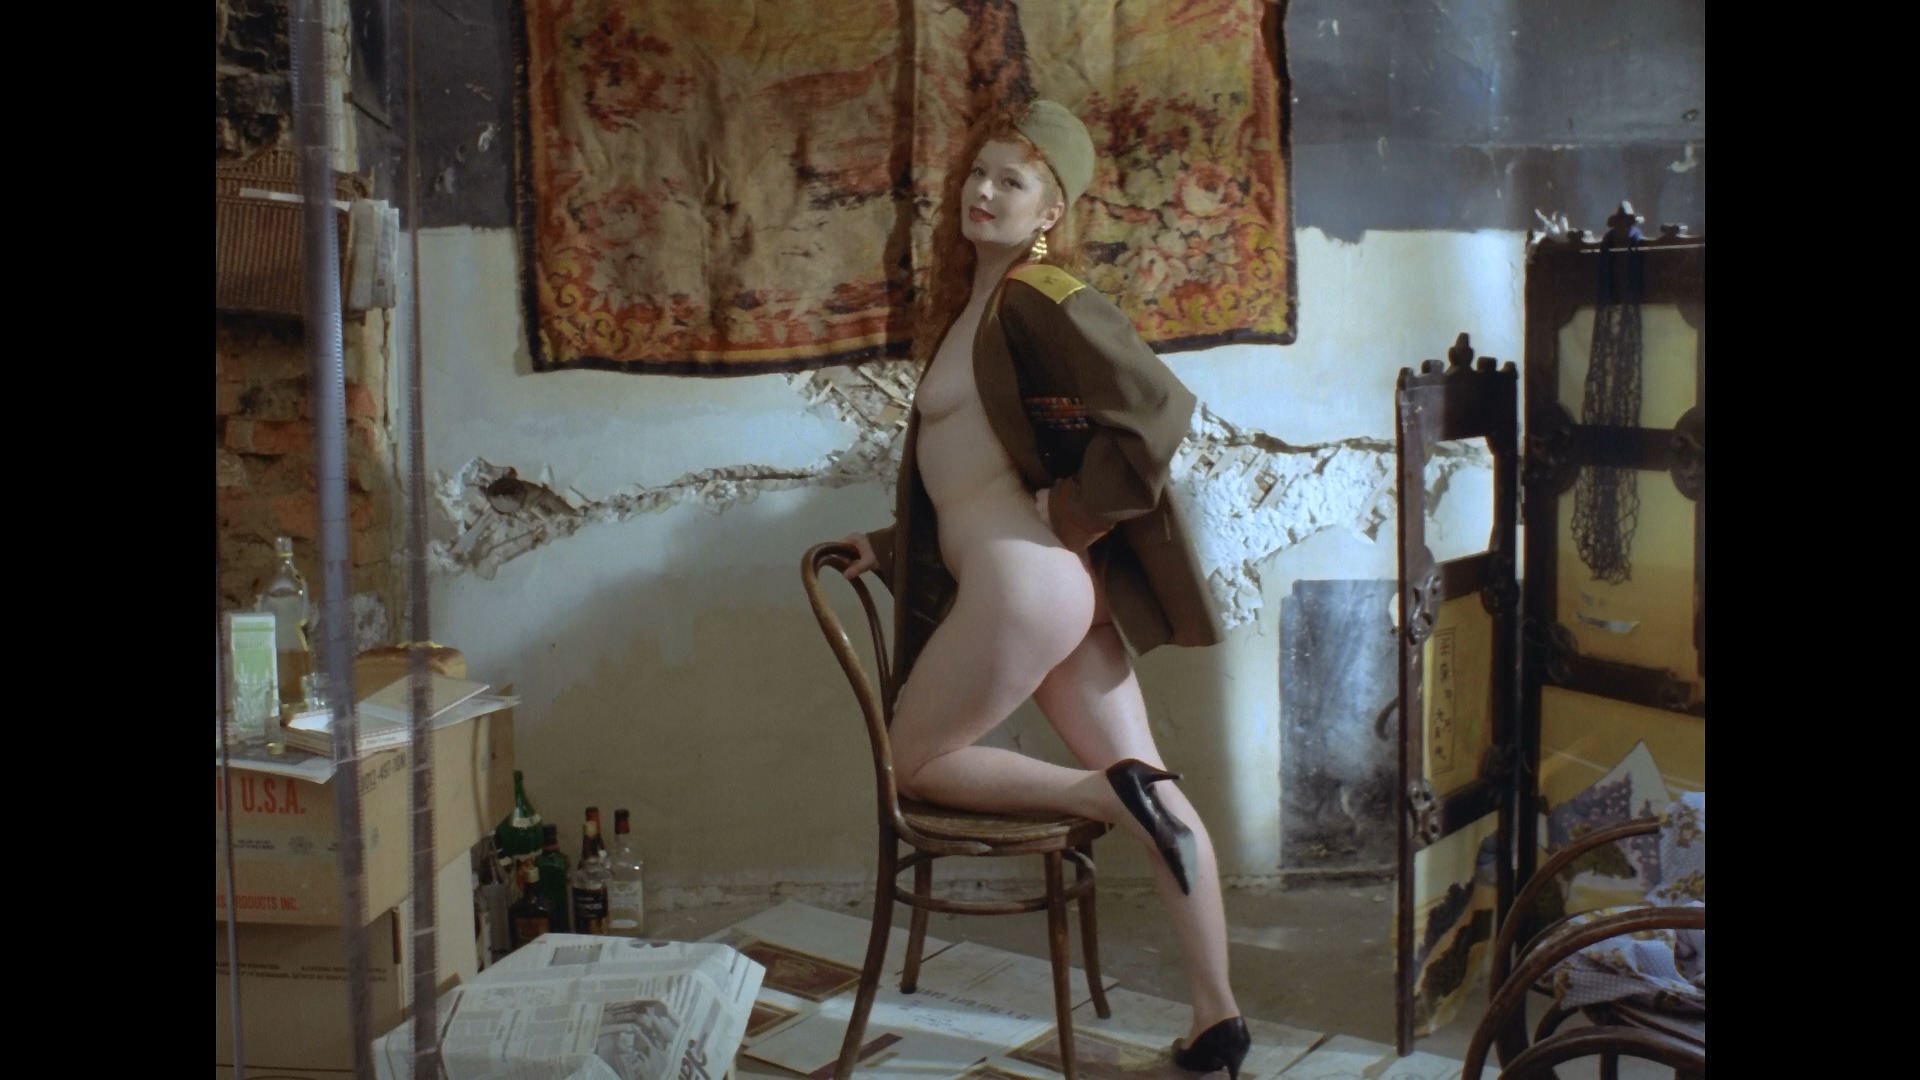 Театральные эротические постановки смотреть онлайн 20 фотография